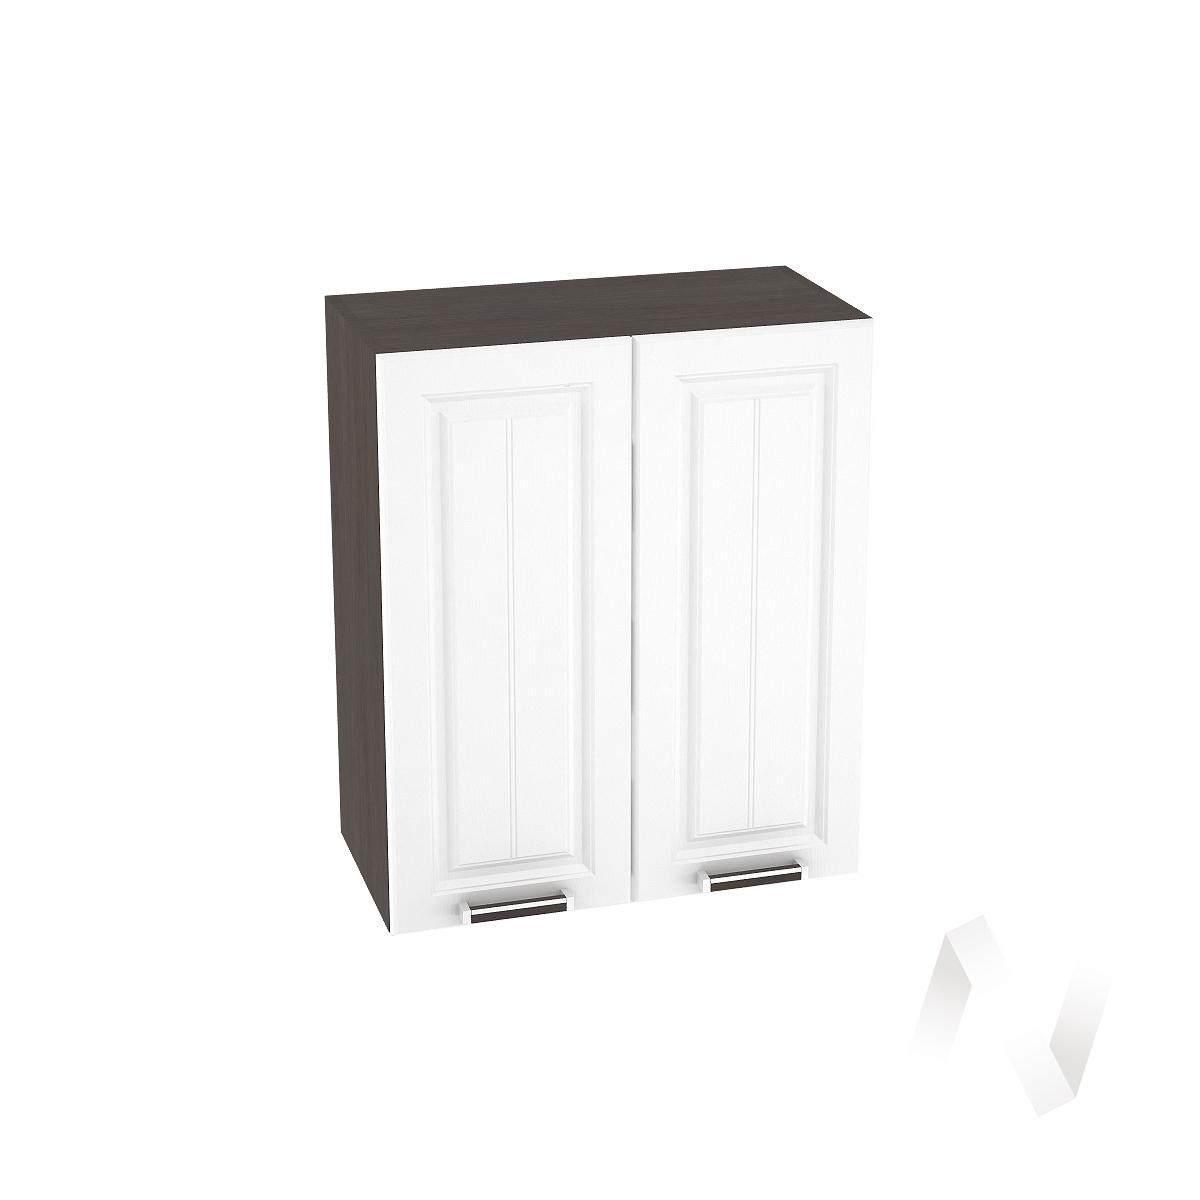 """Кухня """"Прага"""": Шкаф верхний 600, ШВ 600 новый (белое дерево/корпус венге)"""